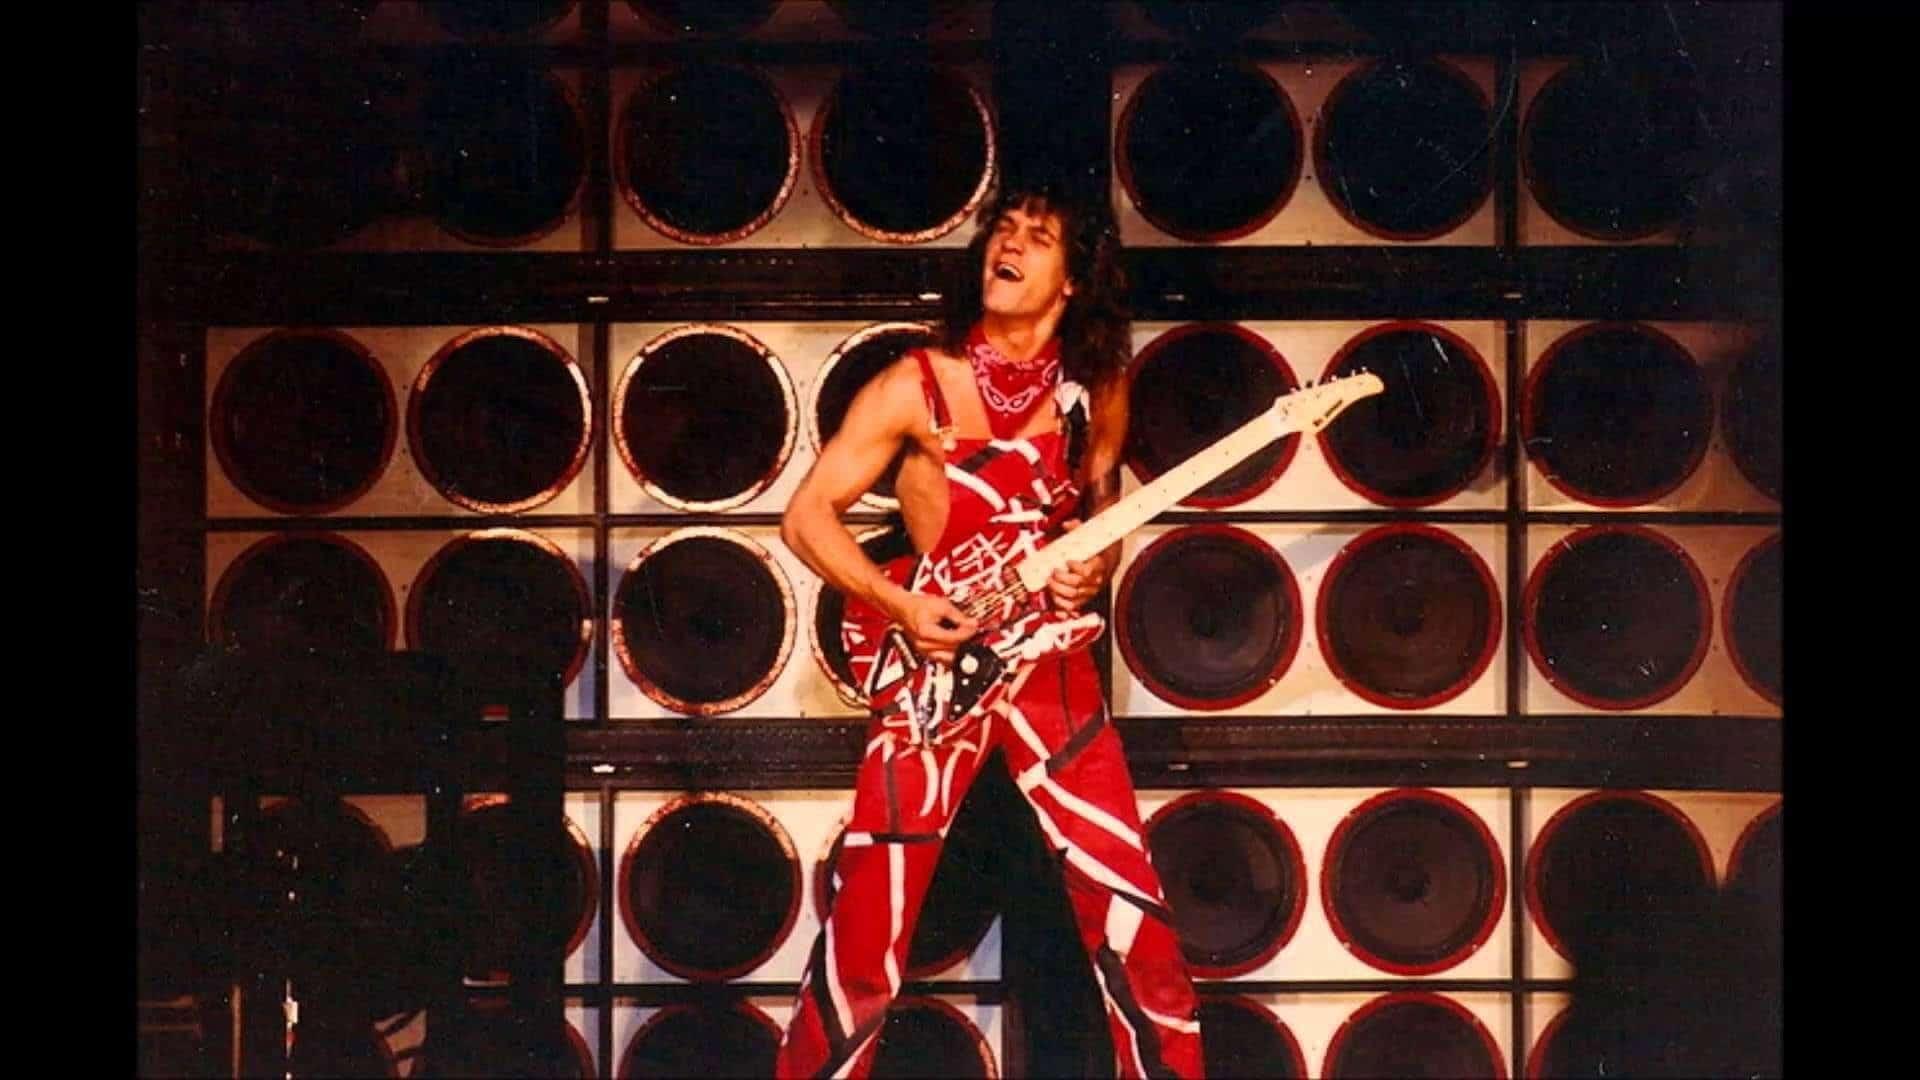 El rock esta de luto. Murió a los 65 años el legendario guitarrista Eddie Van Halen